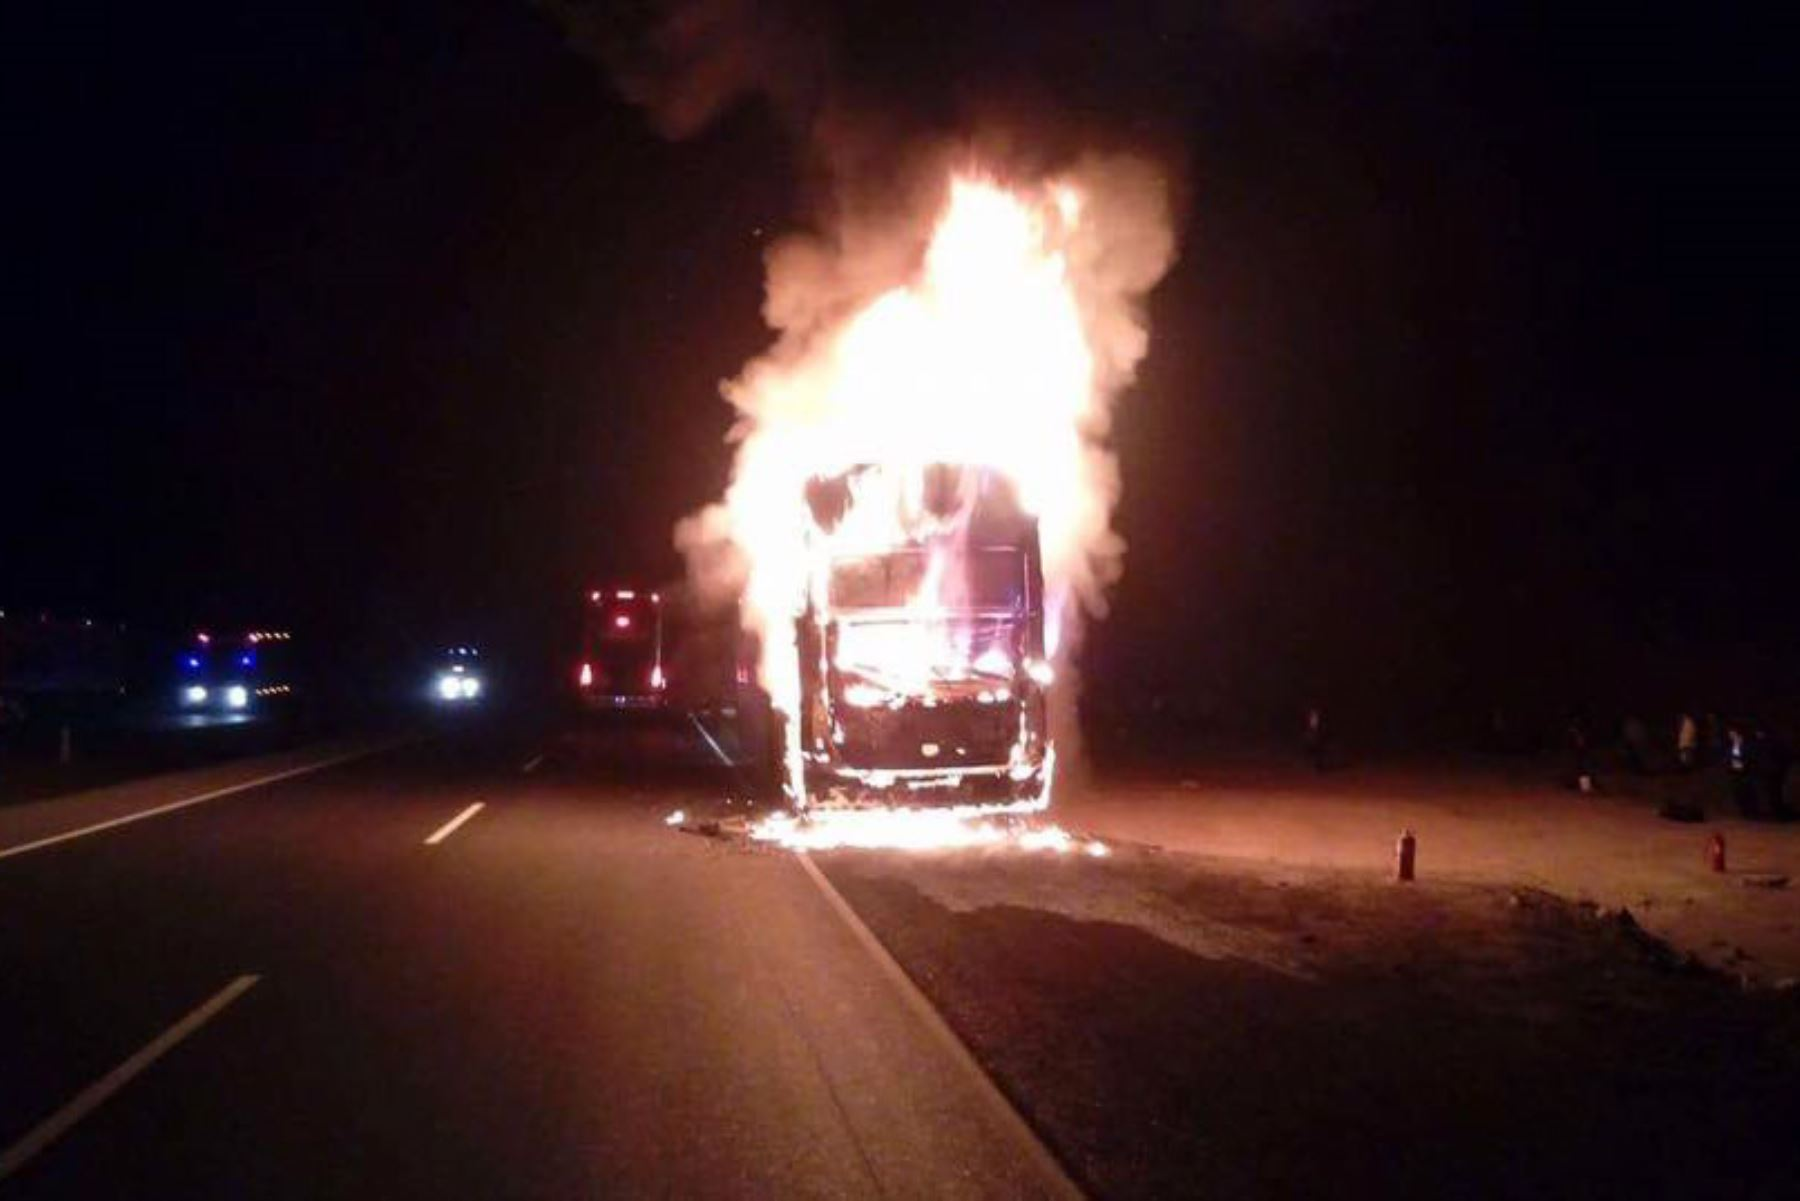 El ómnibus de la empresa turística Mony Tours, de placa D1M-967, se incendió esta madrugada en el distrito de Pariacoto, región Áncash.